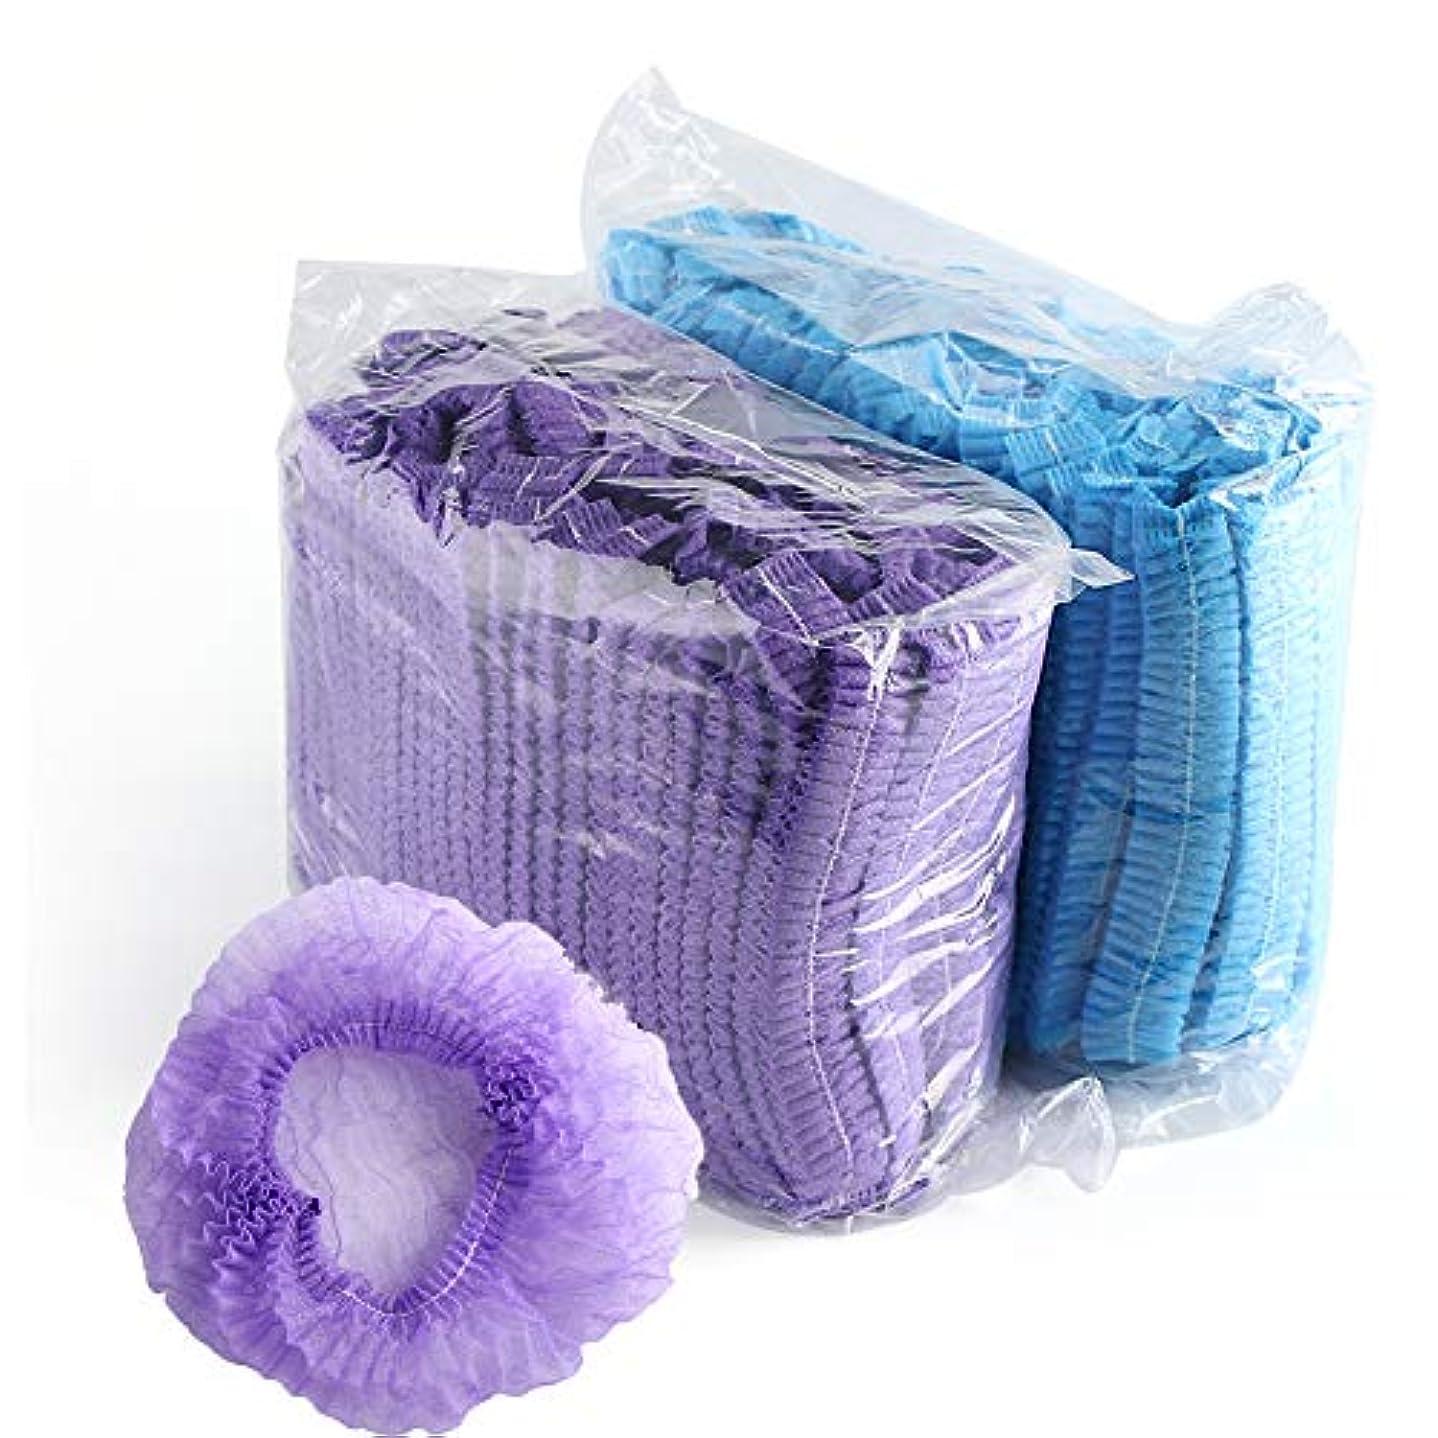 気付くみ一掃する100ピース使い捨てストリップシャワーキャップ不織布シャワーキャップホテルシャワーキャップ染めヘアキャップ防水クリーニング美容サロンタトゥー帽子 (Blue)